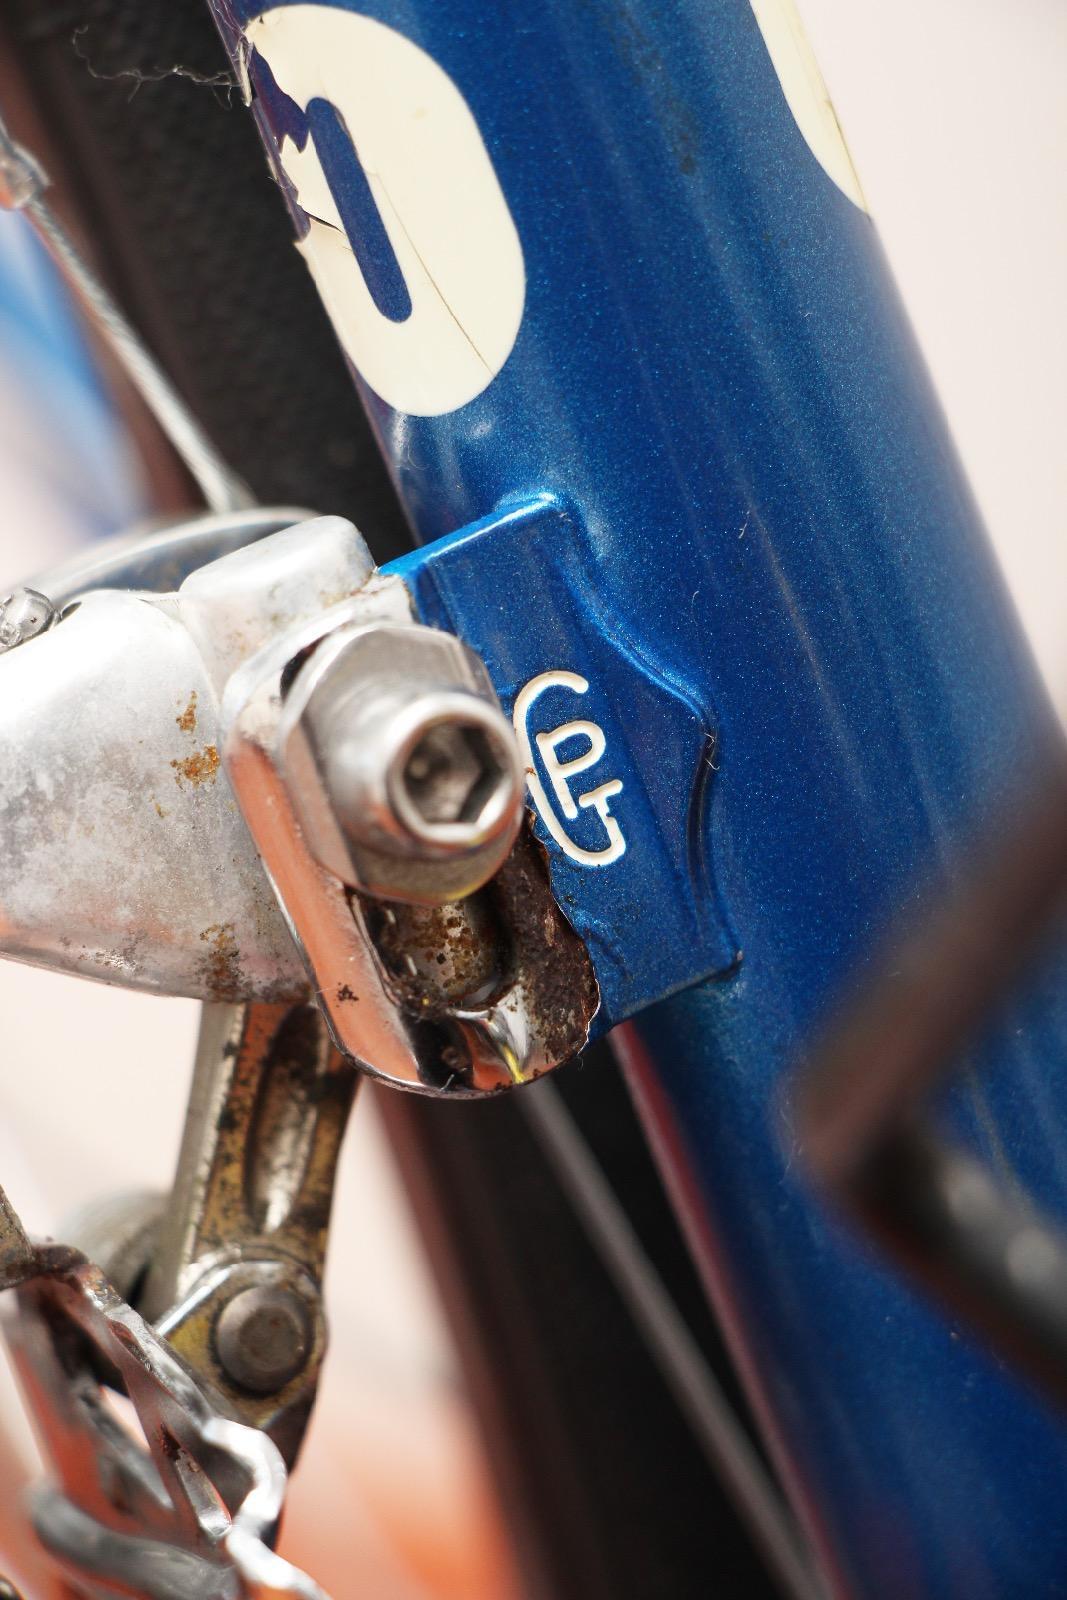 pinarello - Pinarello Stelvio. Une semaine un vélo. 27593686499_0919a65e35_h